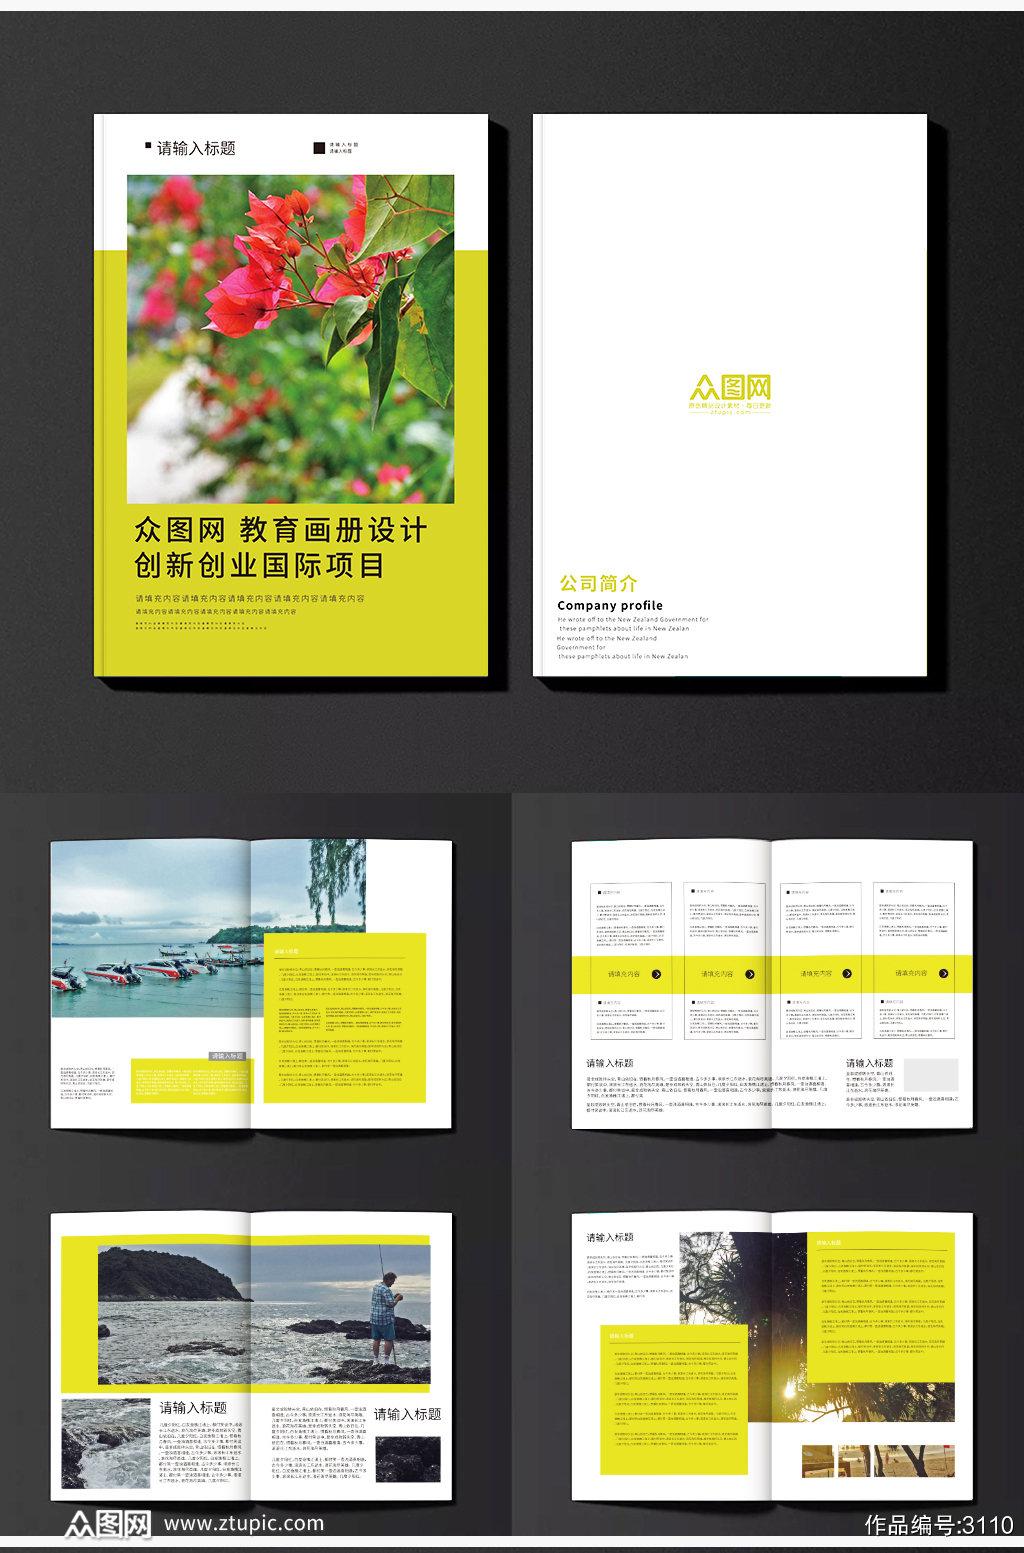 欧美高端大气的企业画册设计素材